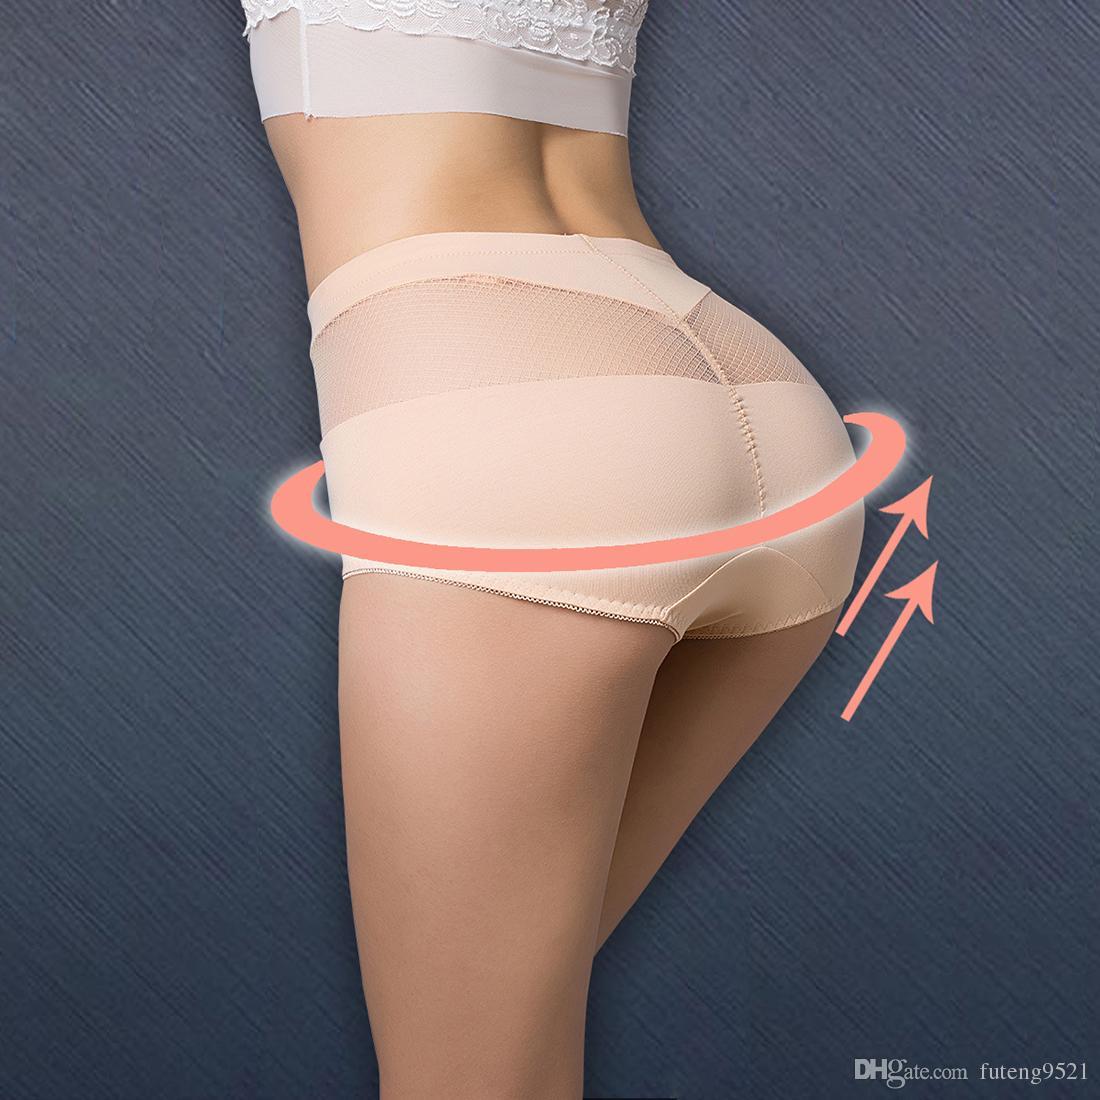 b553d84e228 Pure Color High Waist Panties Cotton Briefs Women Sexy Underwear ...